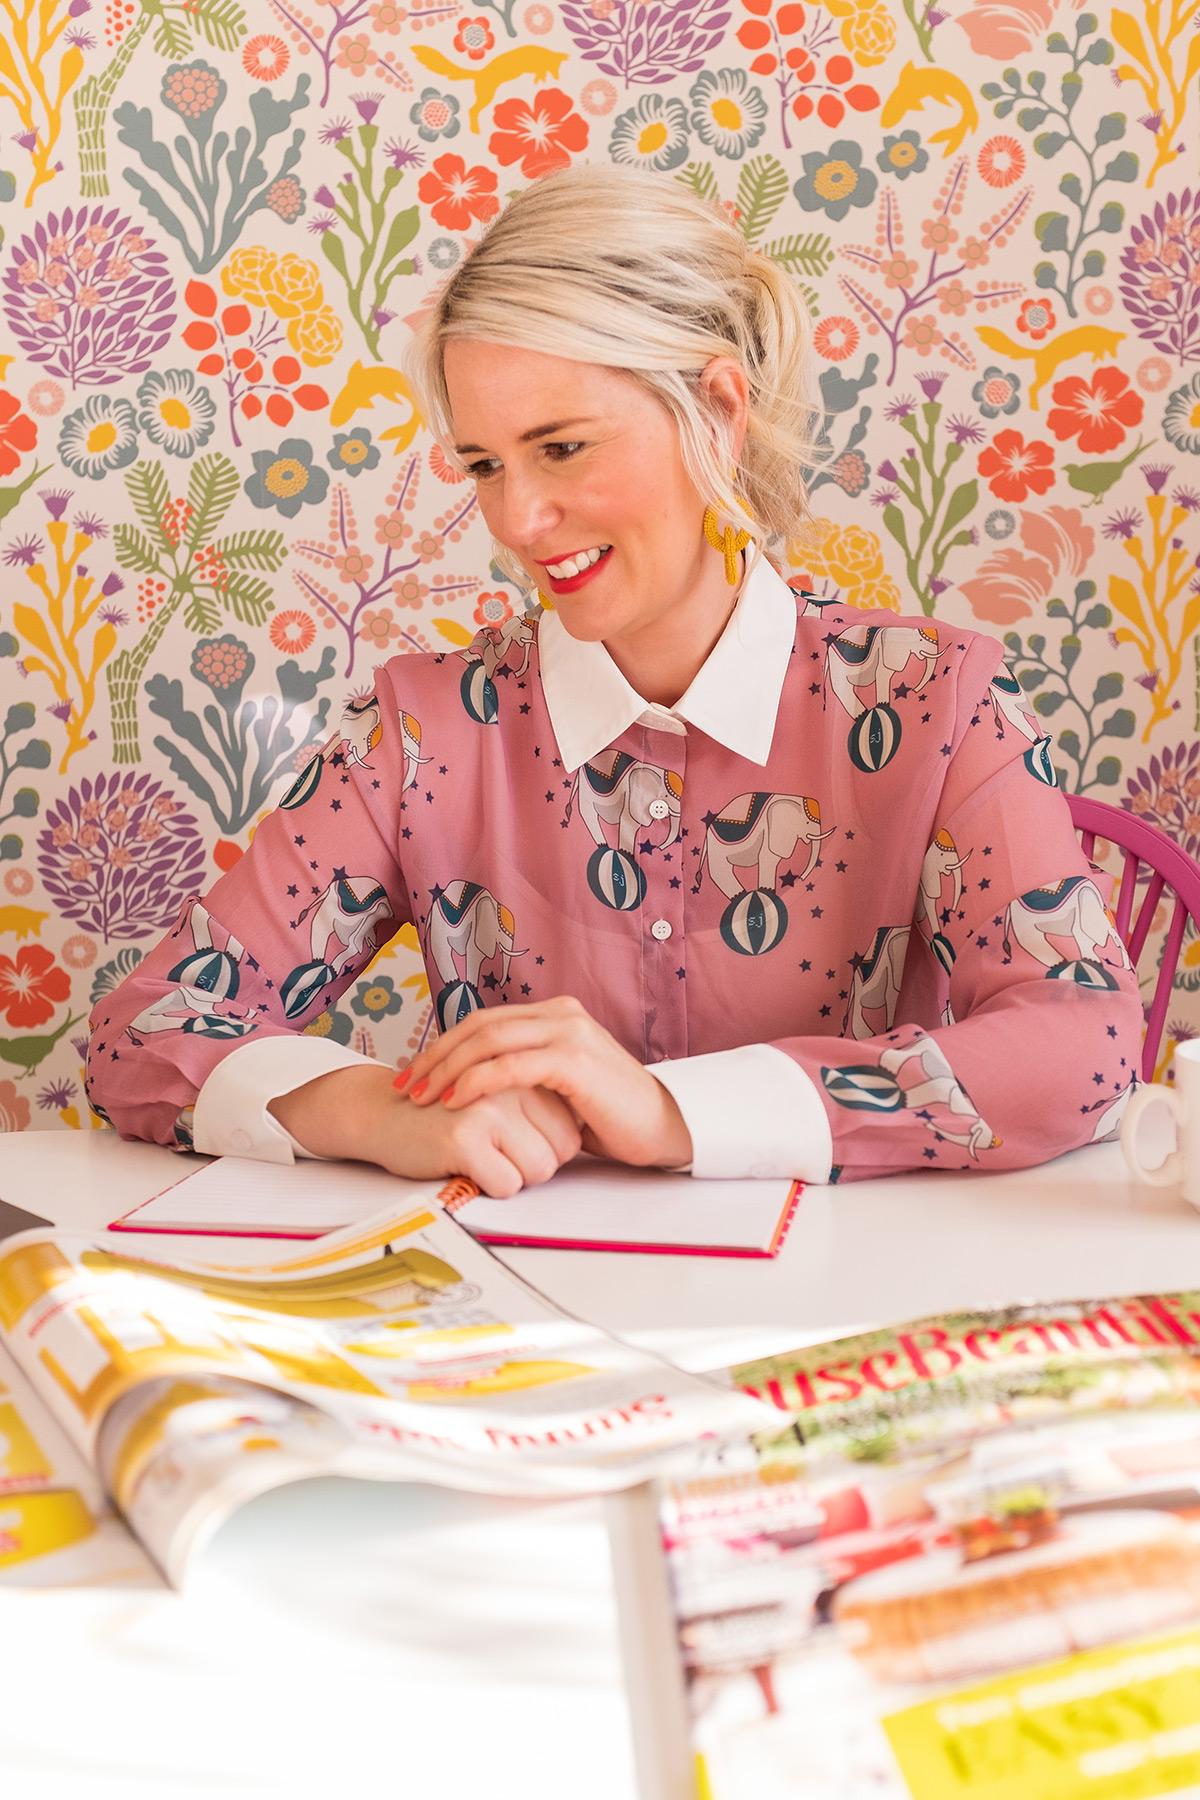 Rachel browsing through interior design magazines